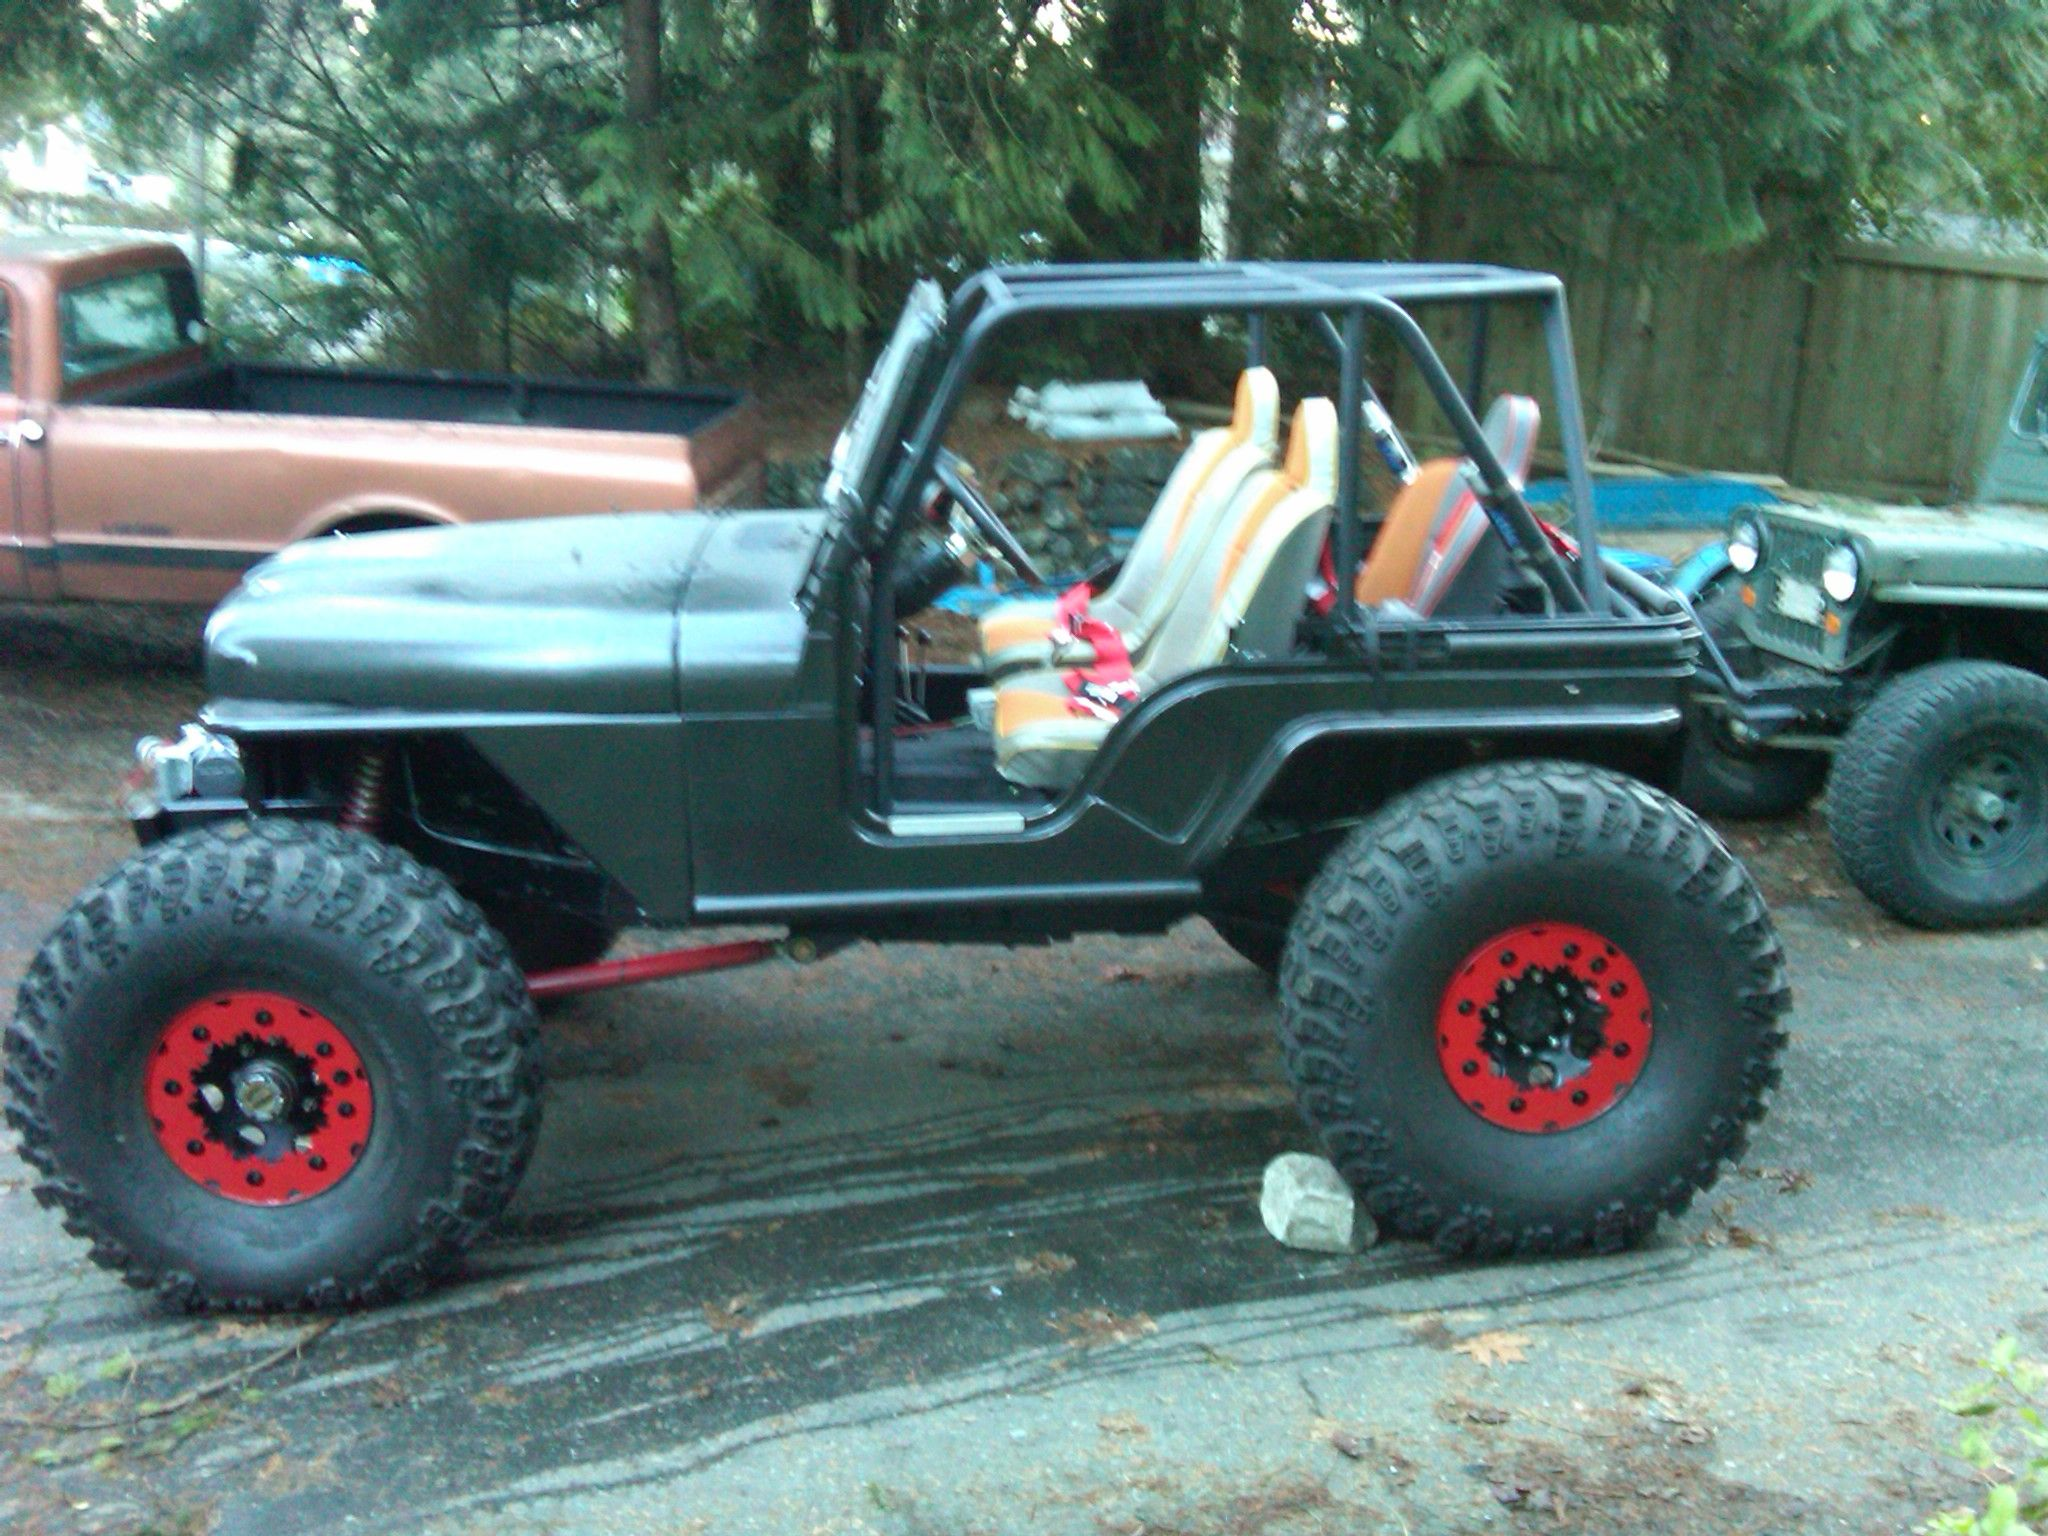 1981 jeep cj5 100 wheelbase [ 2048 x 1536 Pixel ]